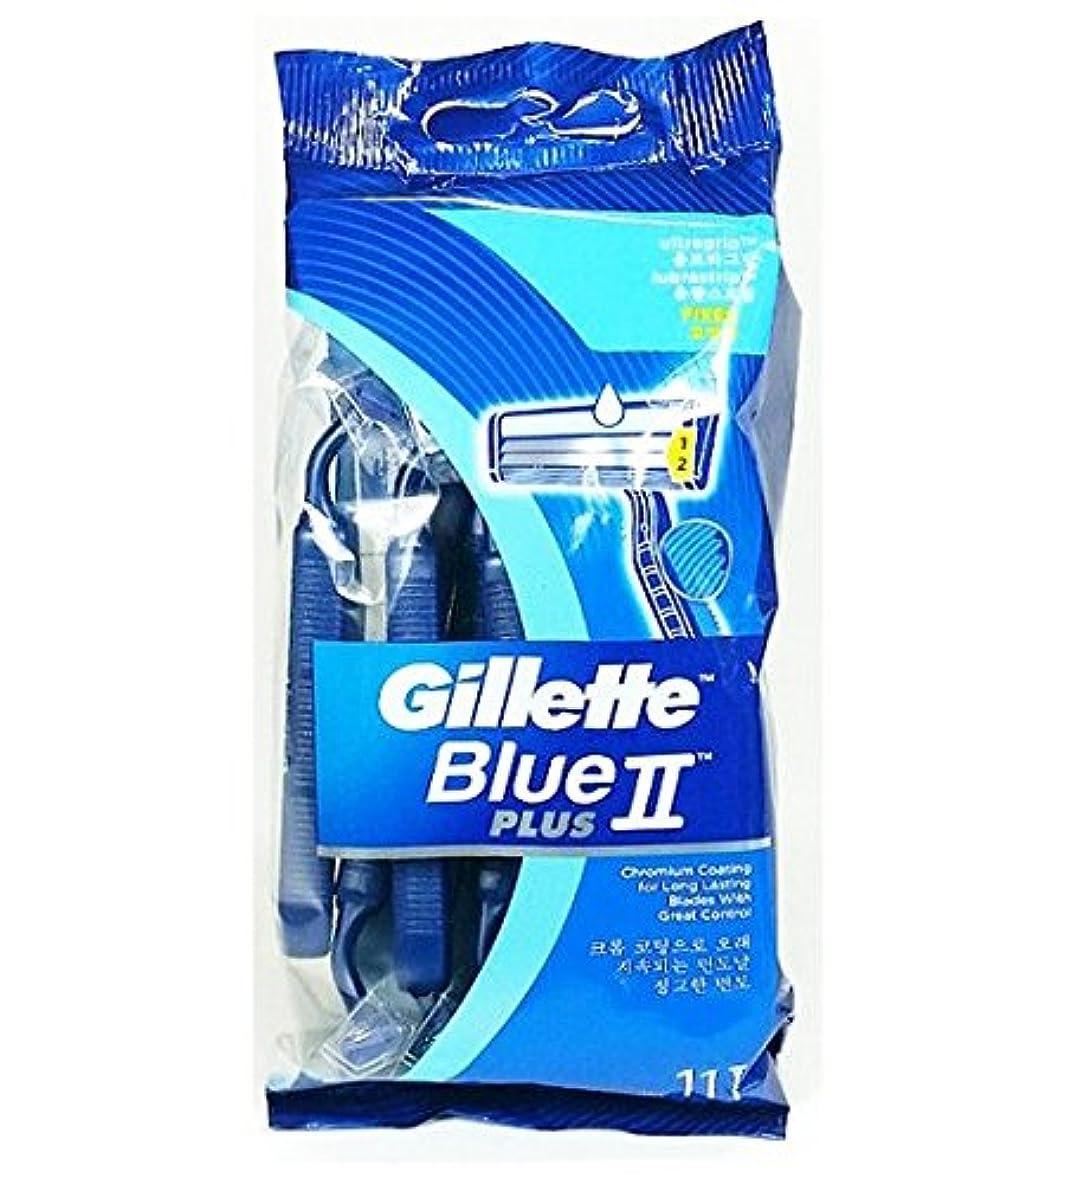 悩み同盟かき混ぜる[ジレット]ジレットブルーII使い捨てシェービングかみそり(11個) Gillette Blue II Disposable Shaving Razors (11 Pieces) [並行輸入品]